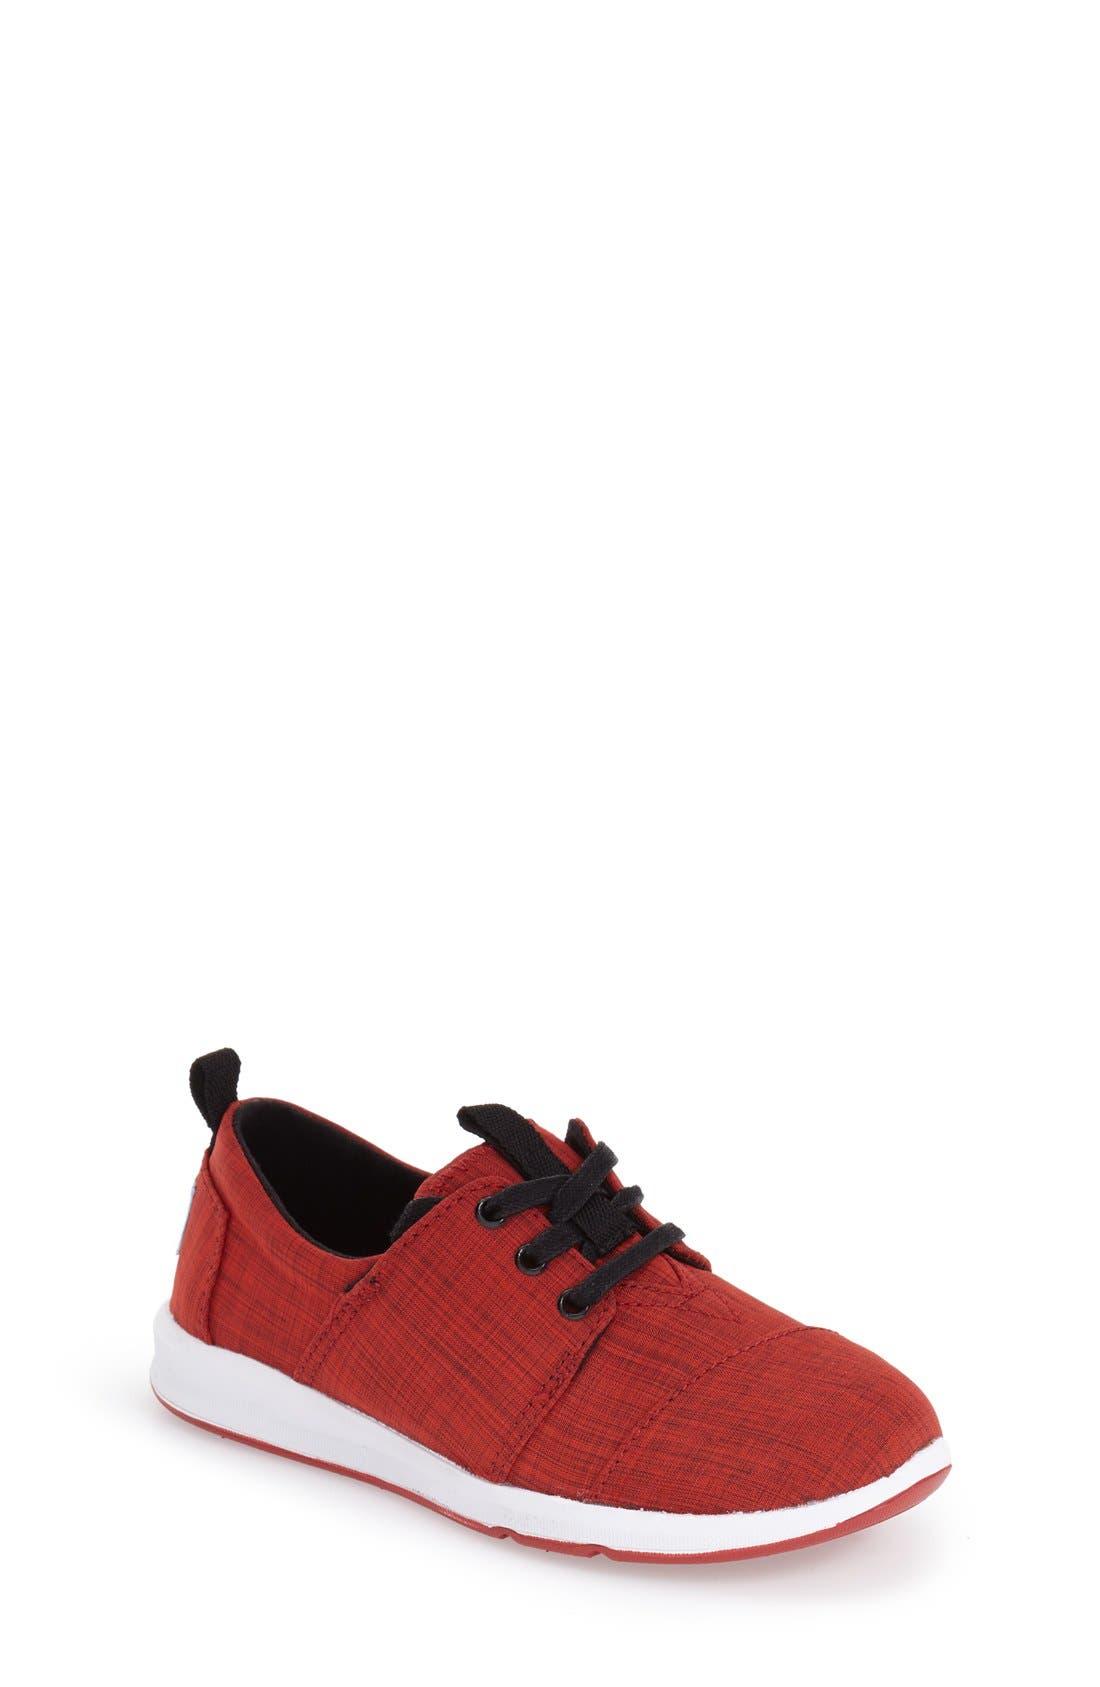 TOMS 'Del Rey' Sneaker (Baby, Walker, Toddler, Little Kid & Big Kid)